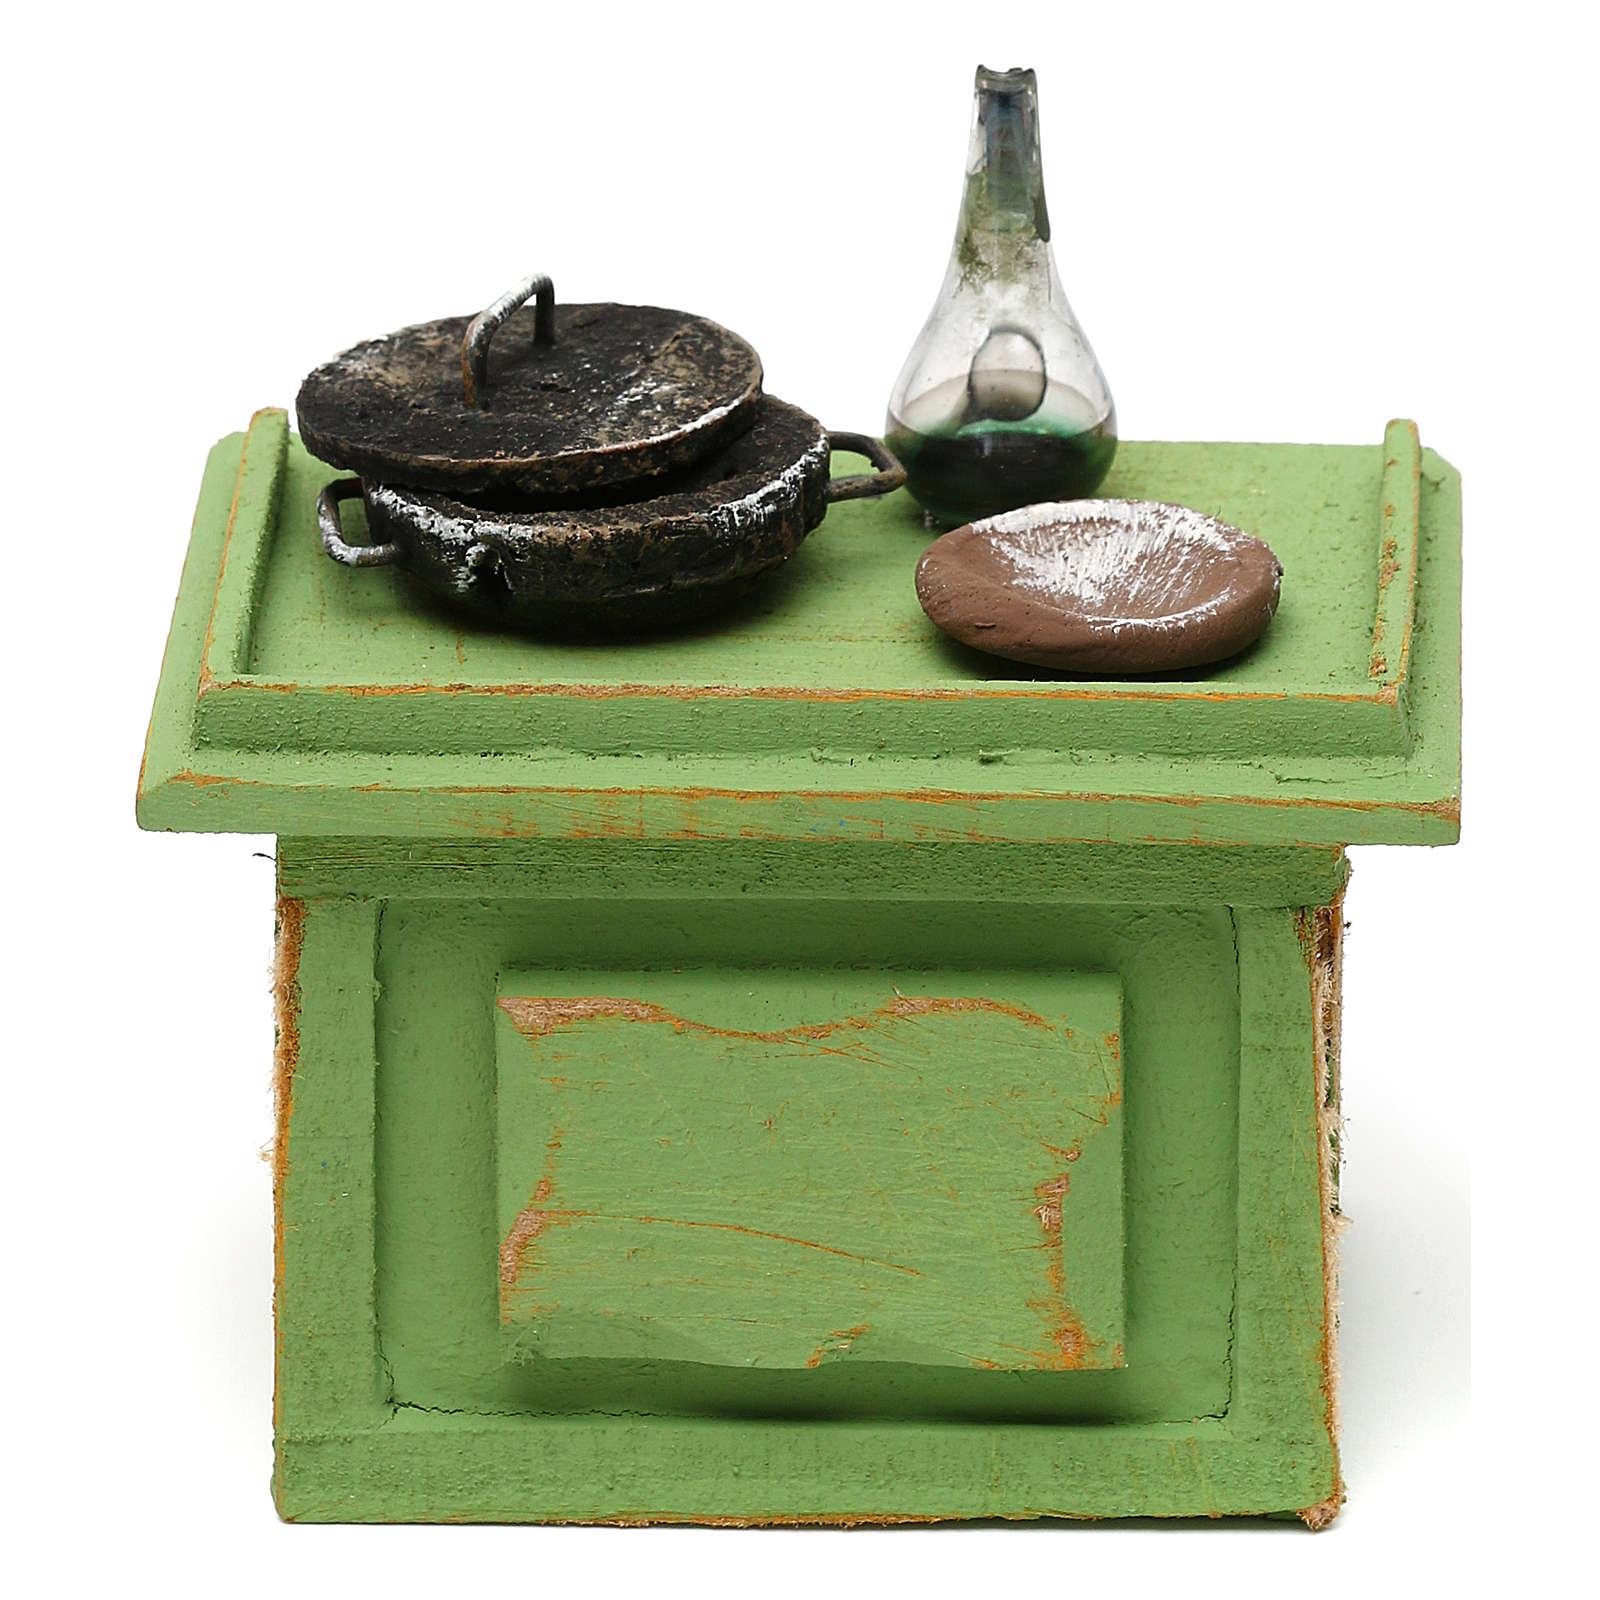 Banchetto verde bottega con accessori 10x10x5 cm per presepi di 10 cm 4